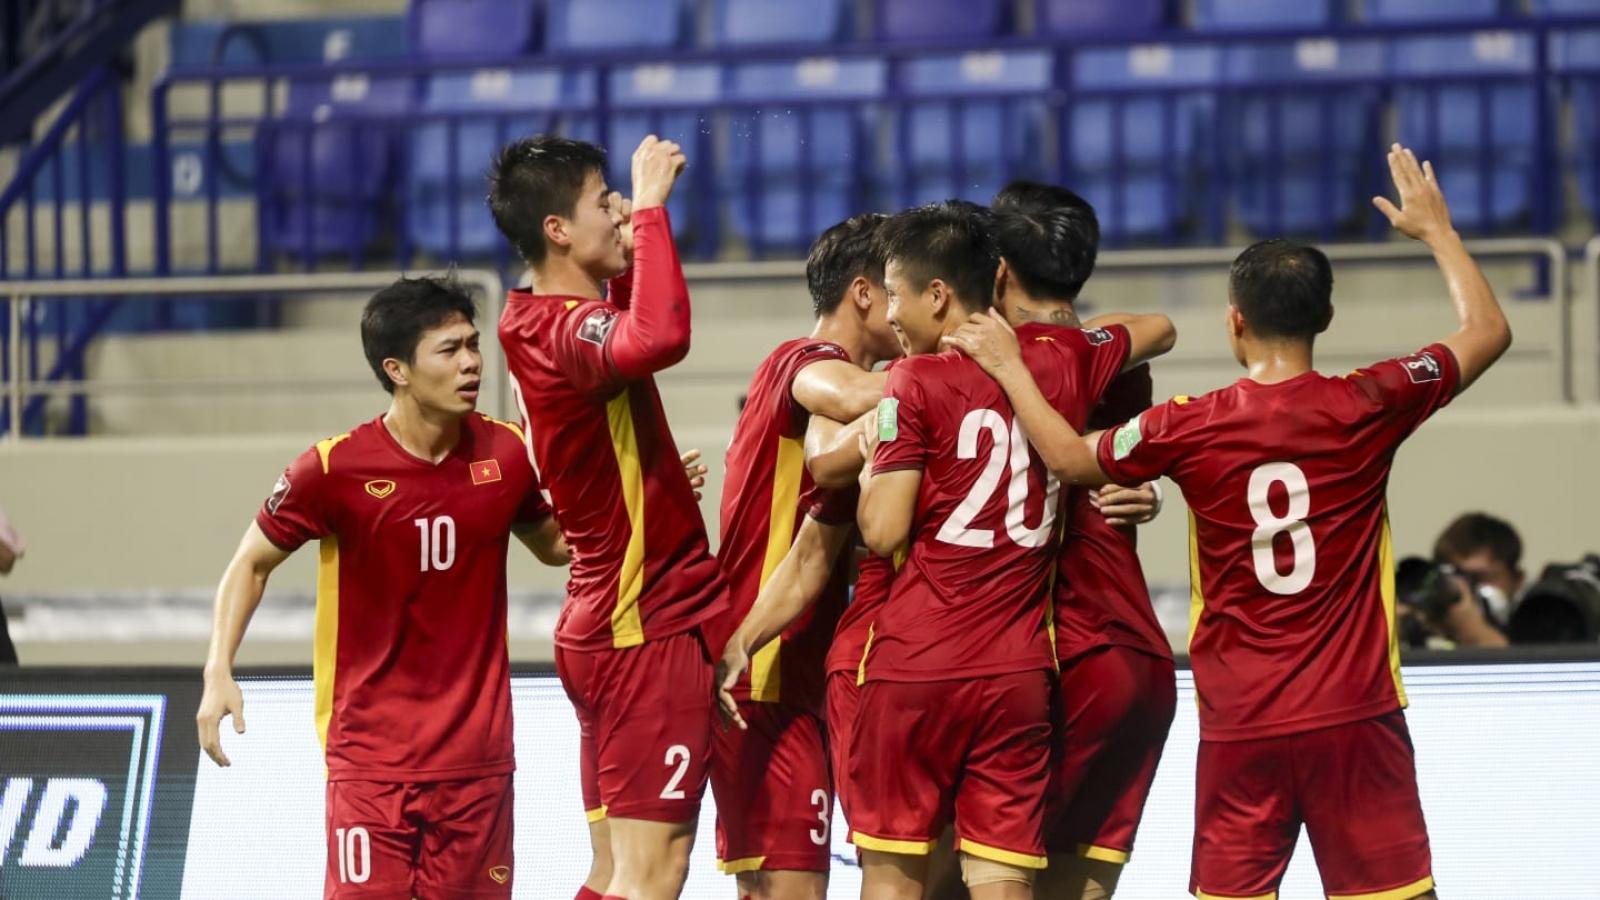 Vòng loại thứ ba World Cup 2022 sẽ là thước đo cho sự tiến bộ của ĐT Việt Nam